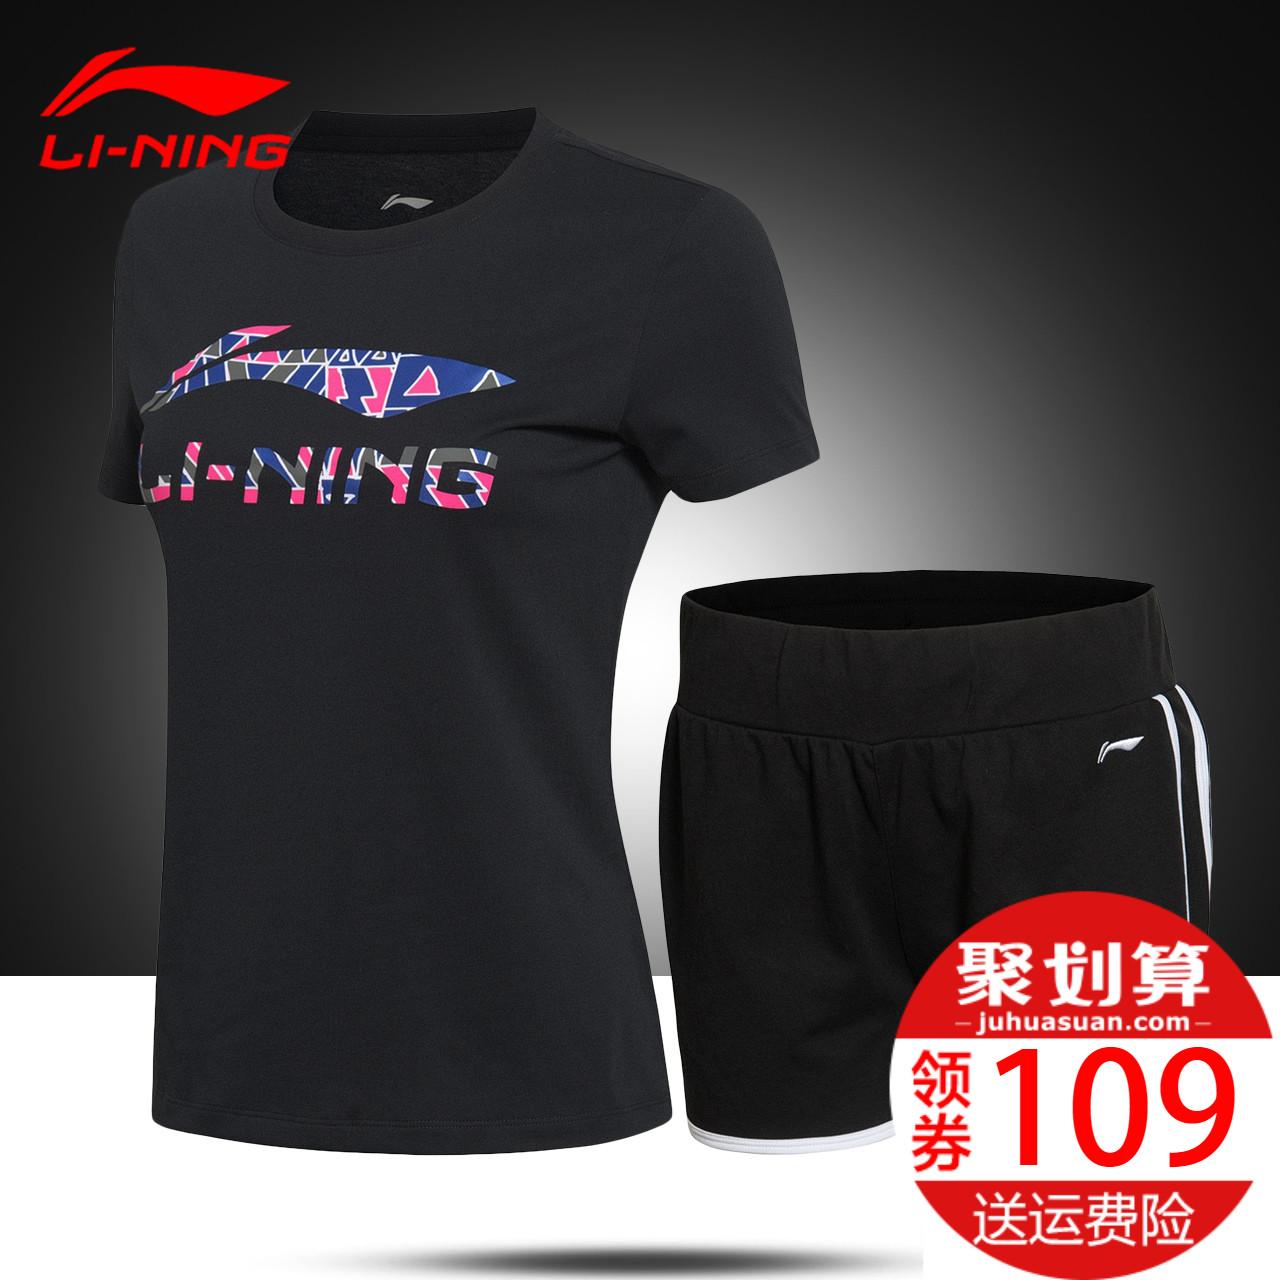 李宁运动套装女2018夏季新款跑步服运动服短袖T恤运动短裤两件套